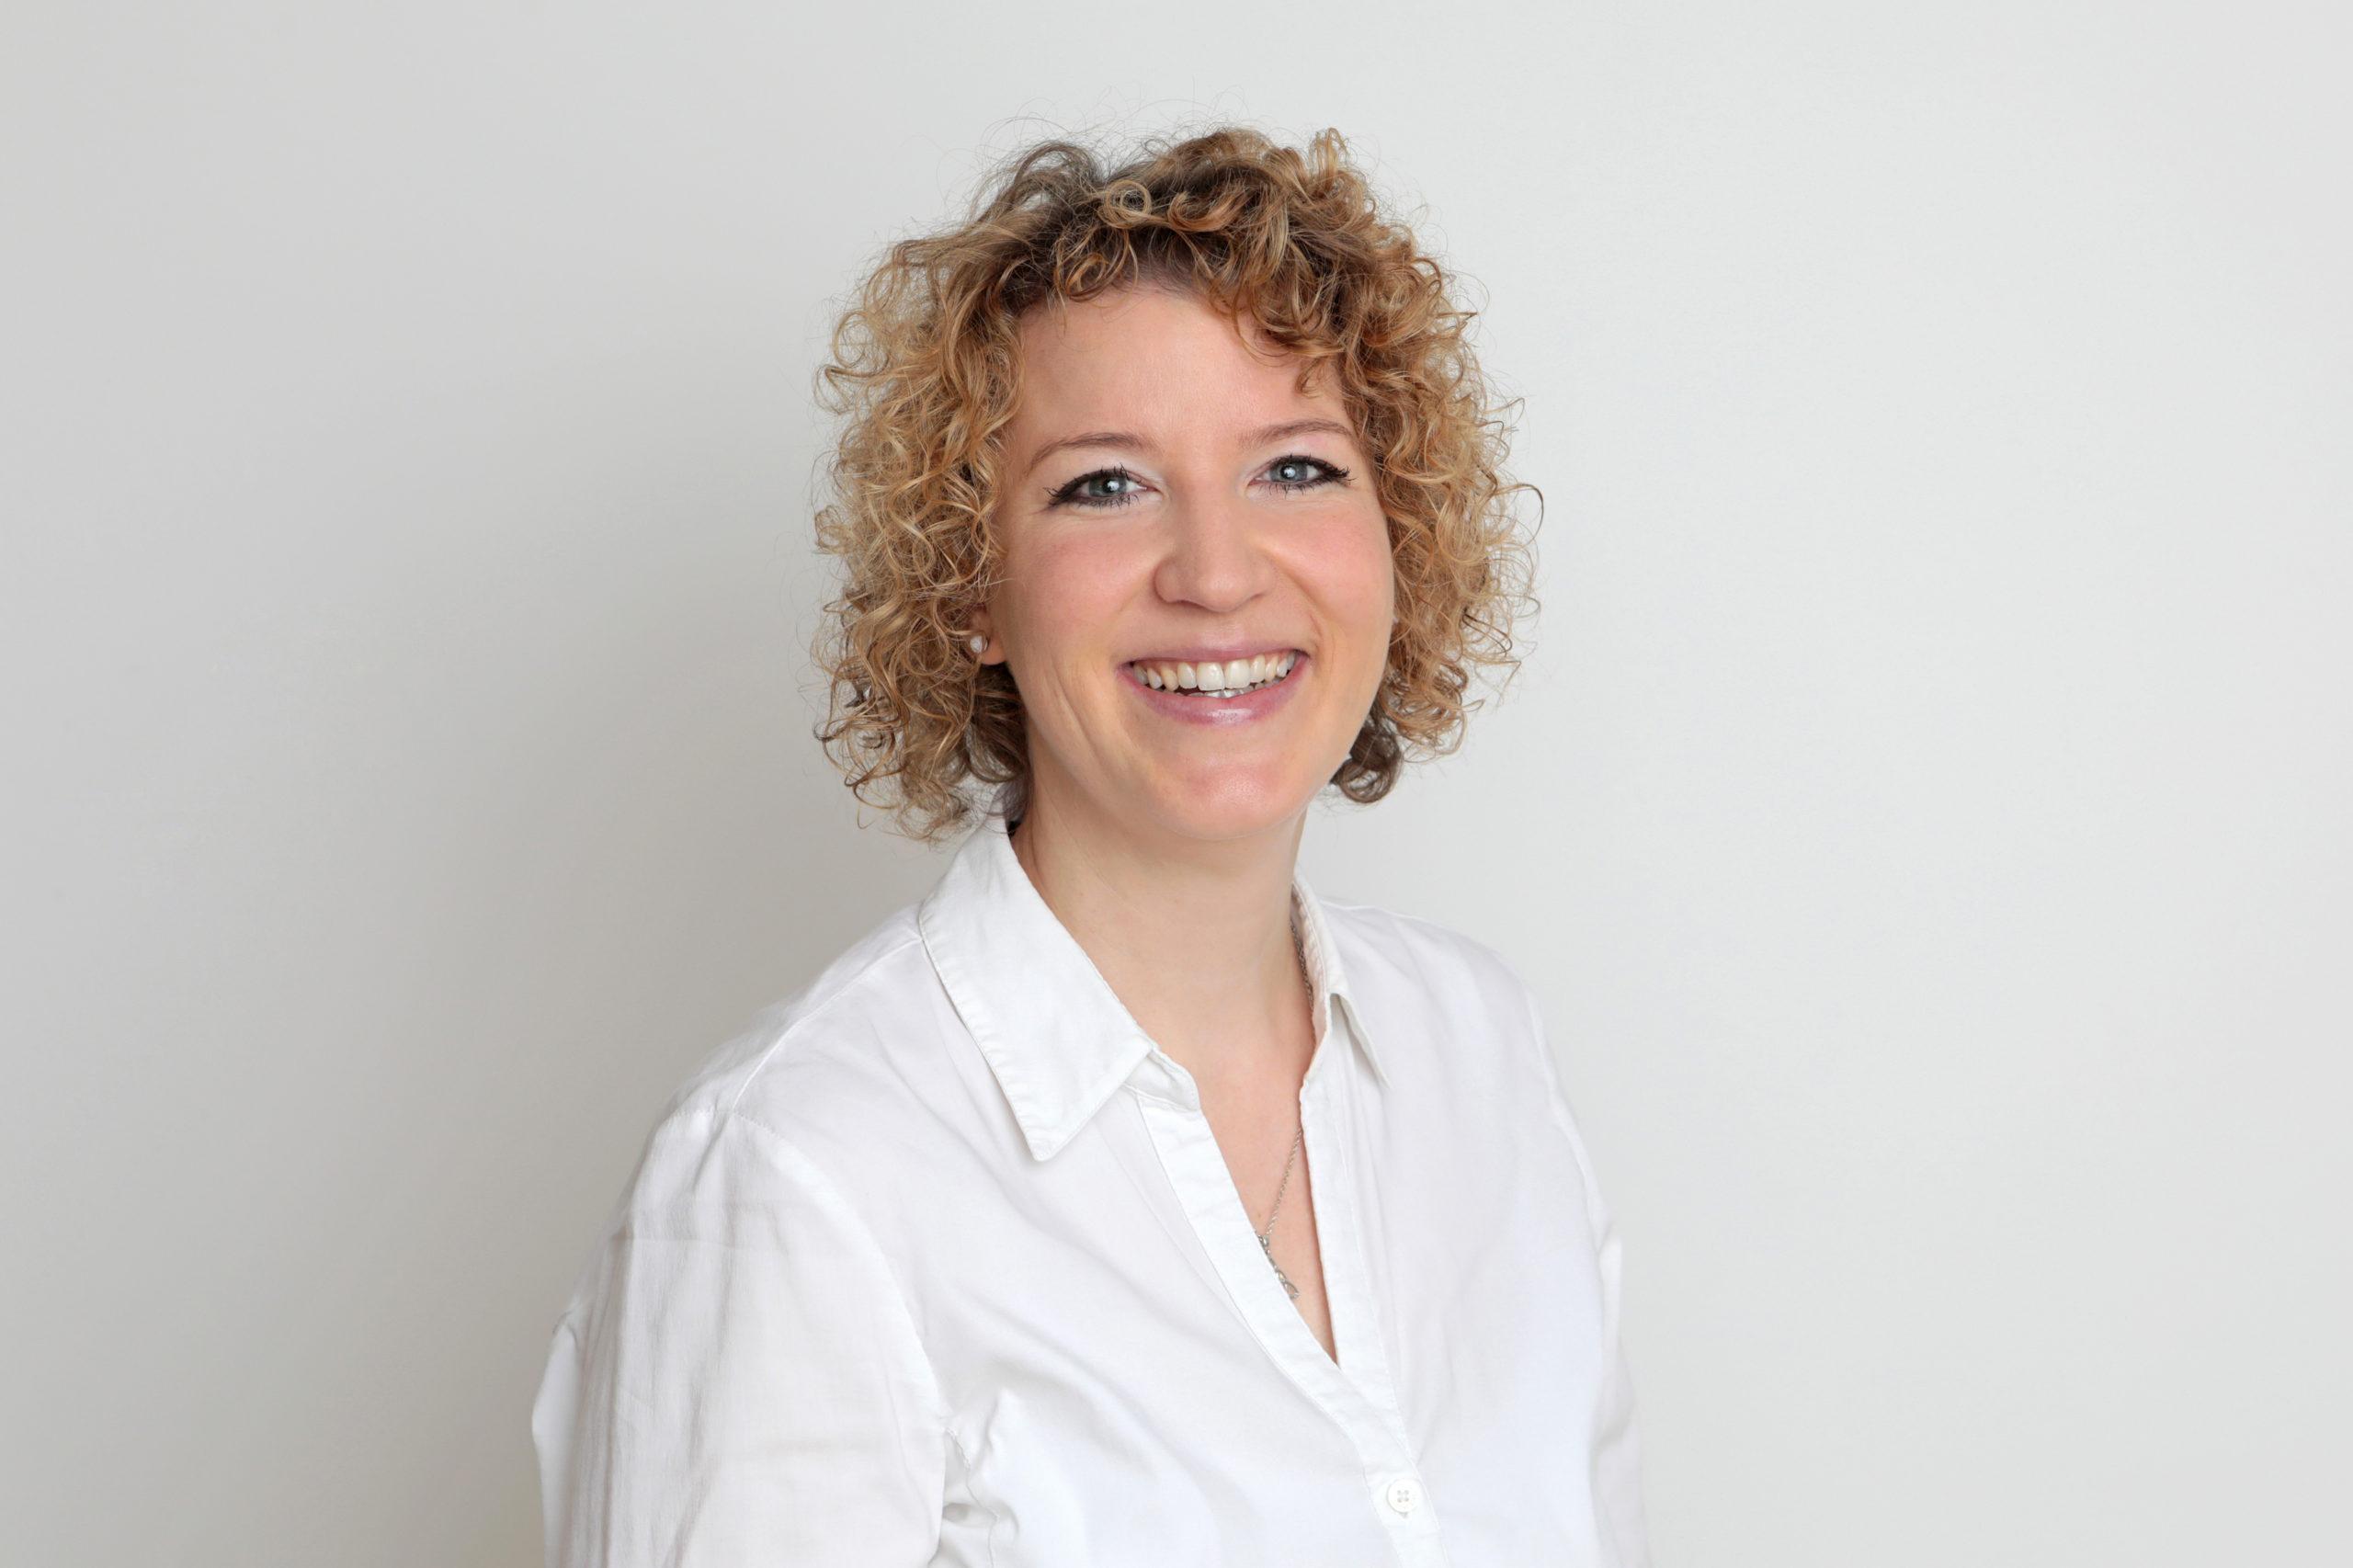 Diana Jalen